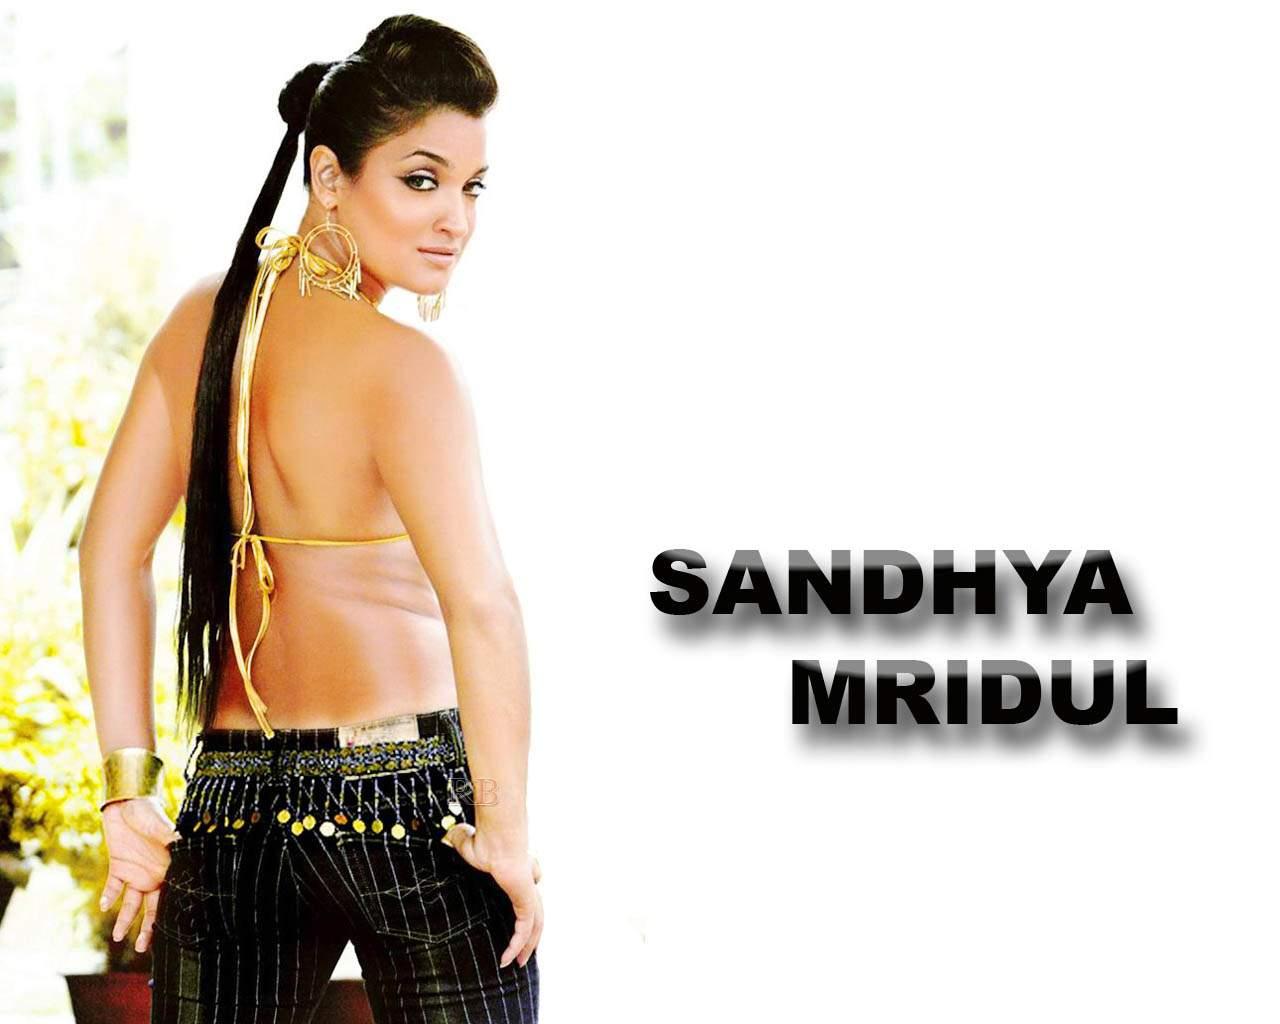 sandhya-mridul-bikini